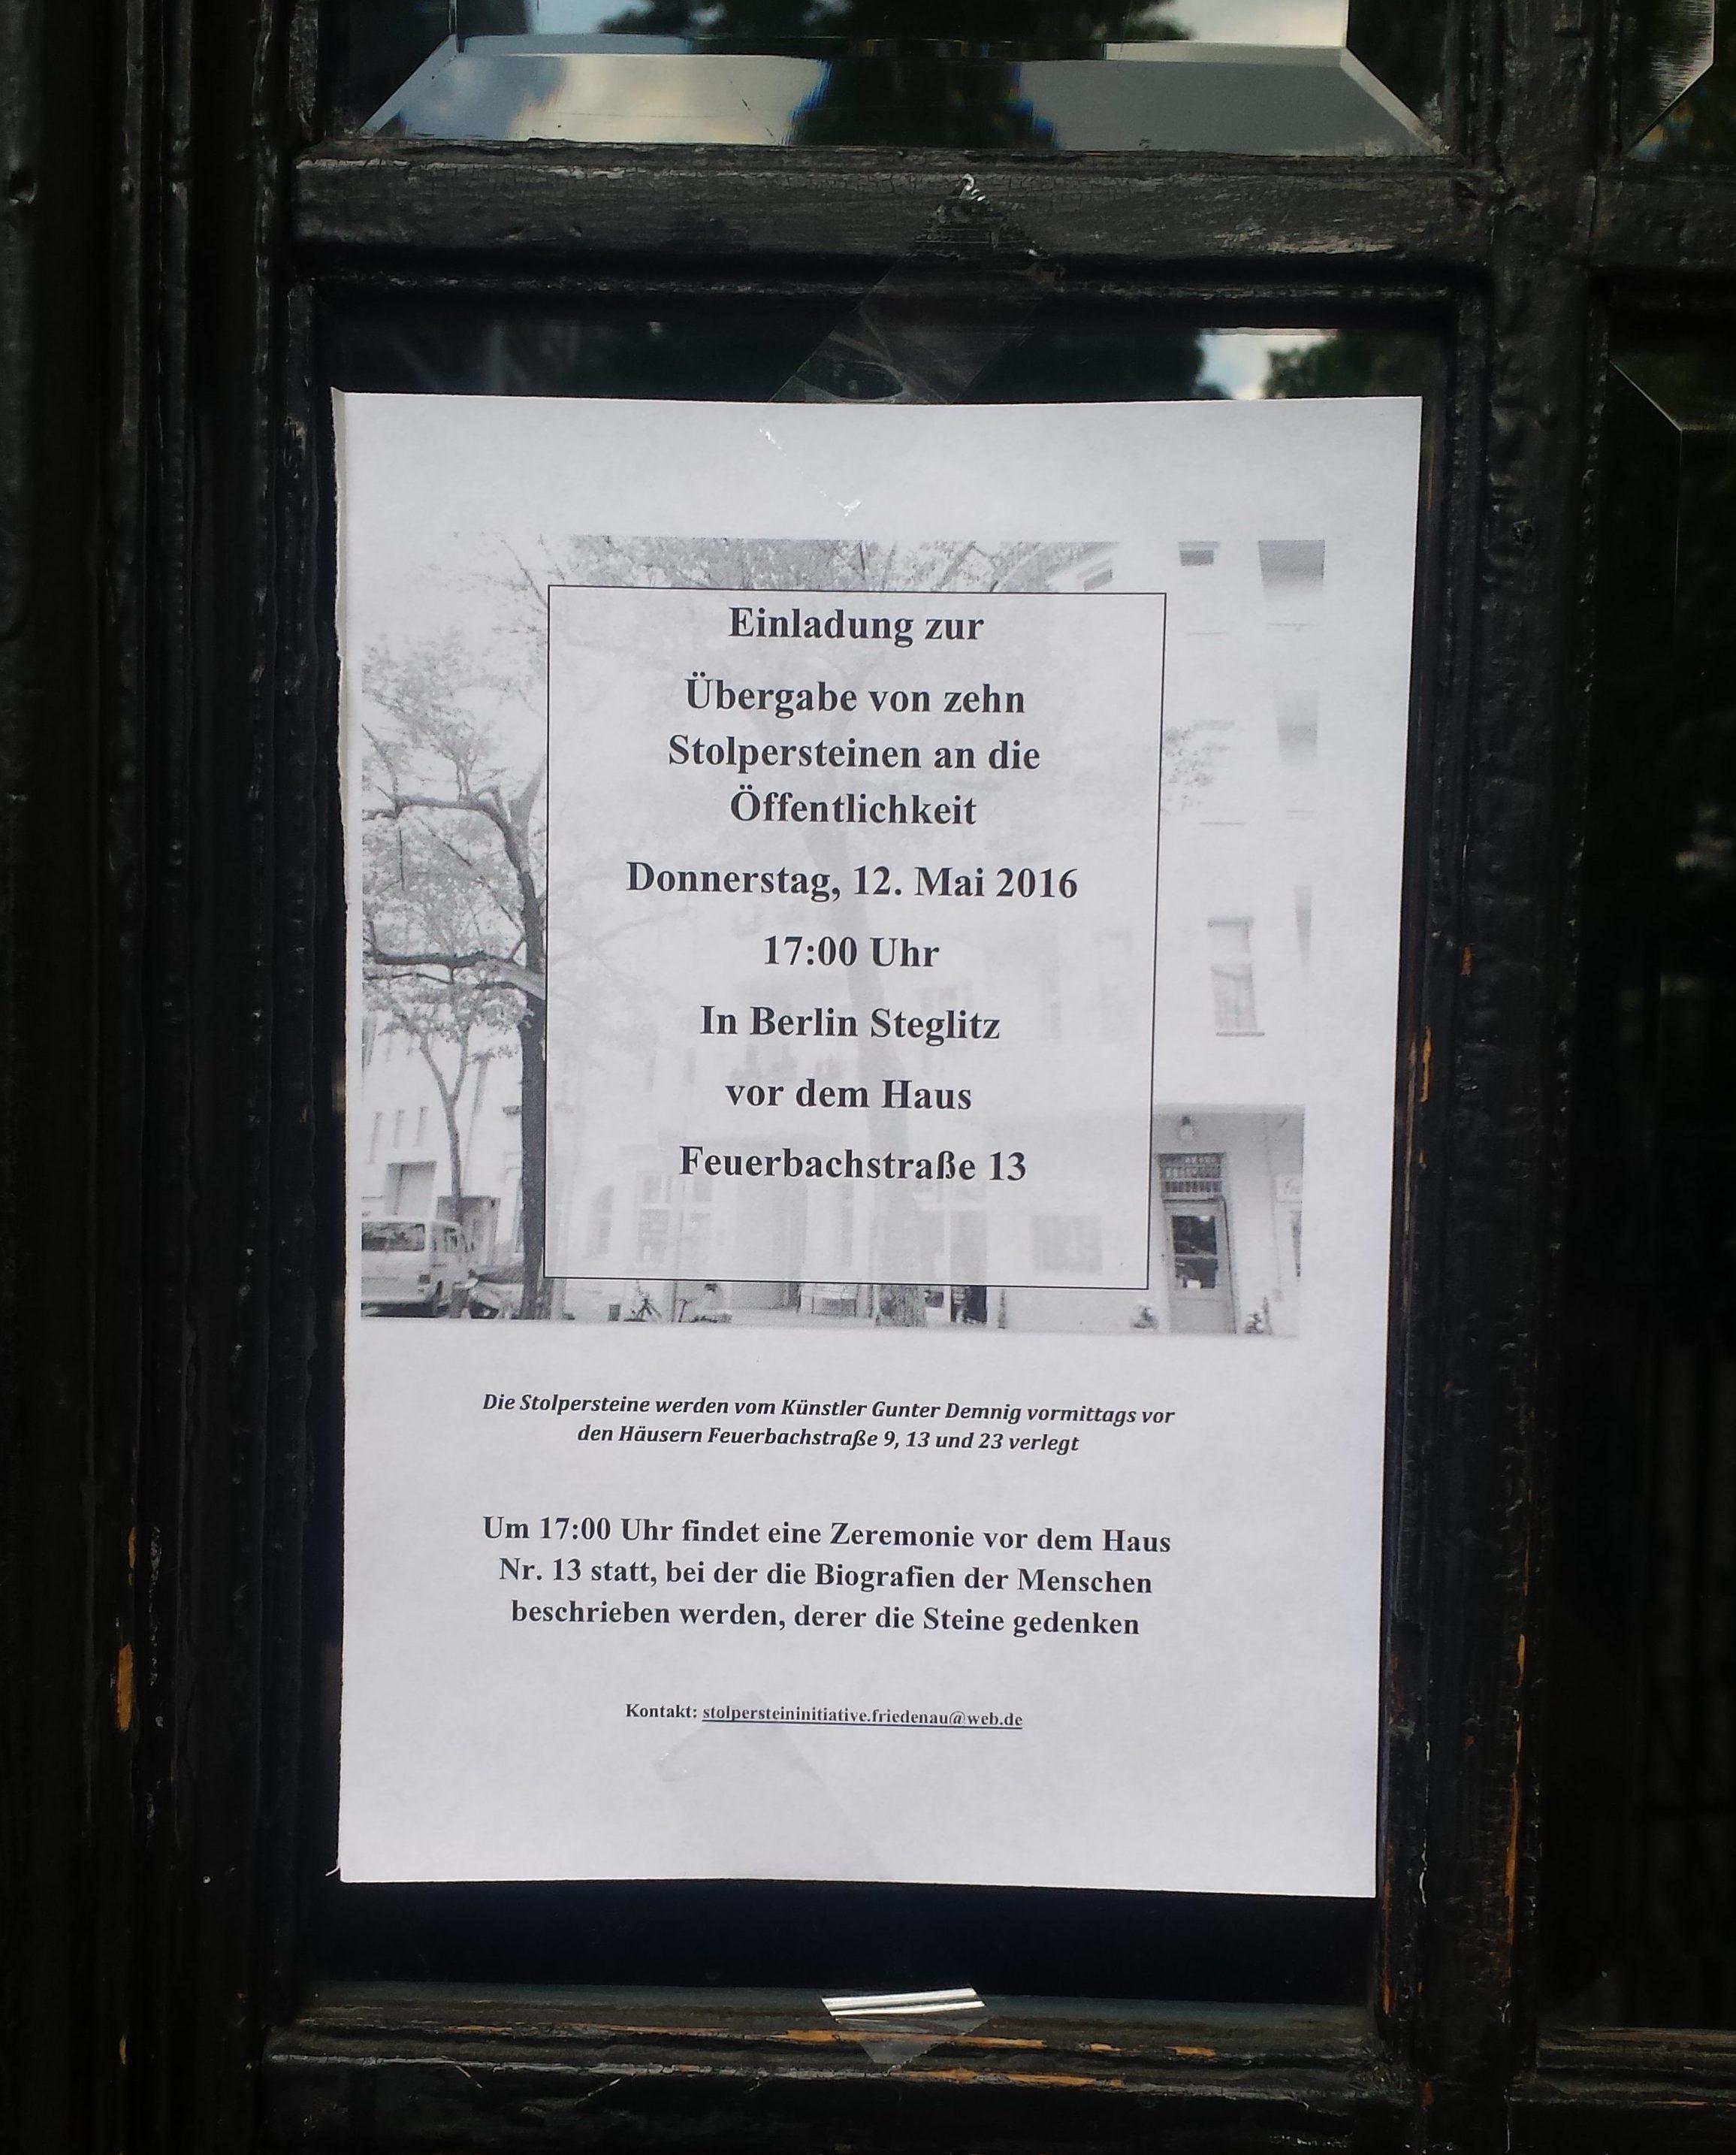 Convite para a entrega de dez Stolpersteinen na vizinhança, que tive a sorte de encontrar na porta de casa. Foto: direto do celular da Helga.